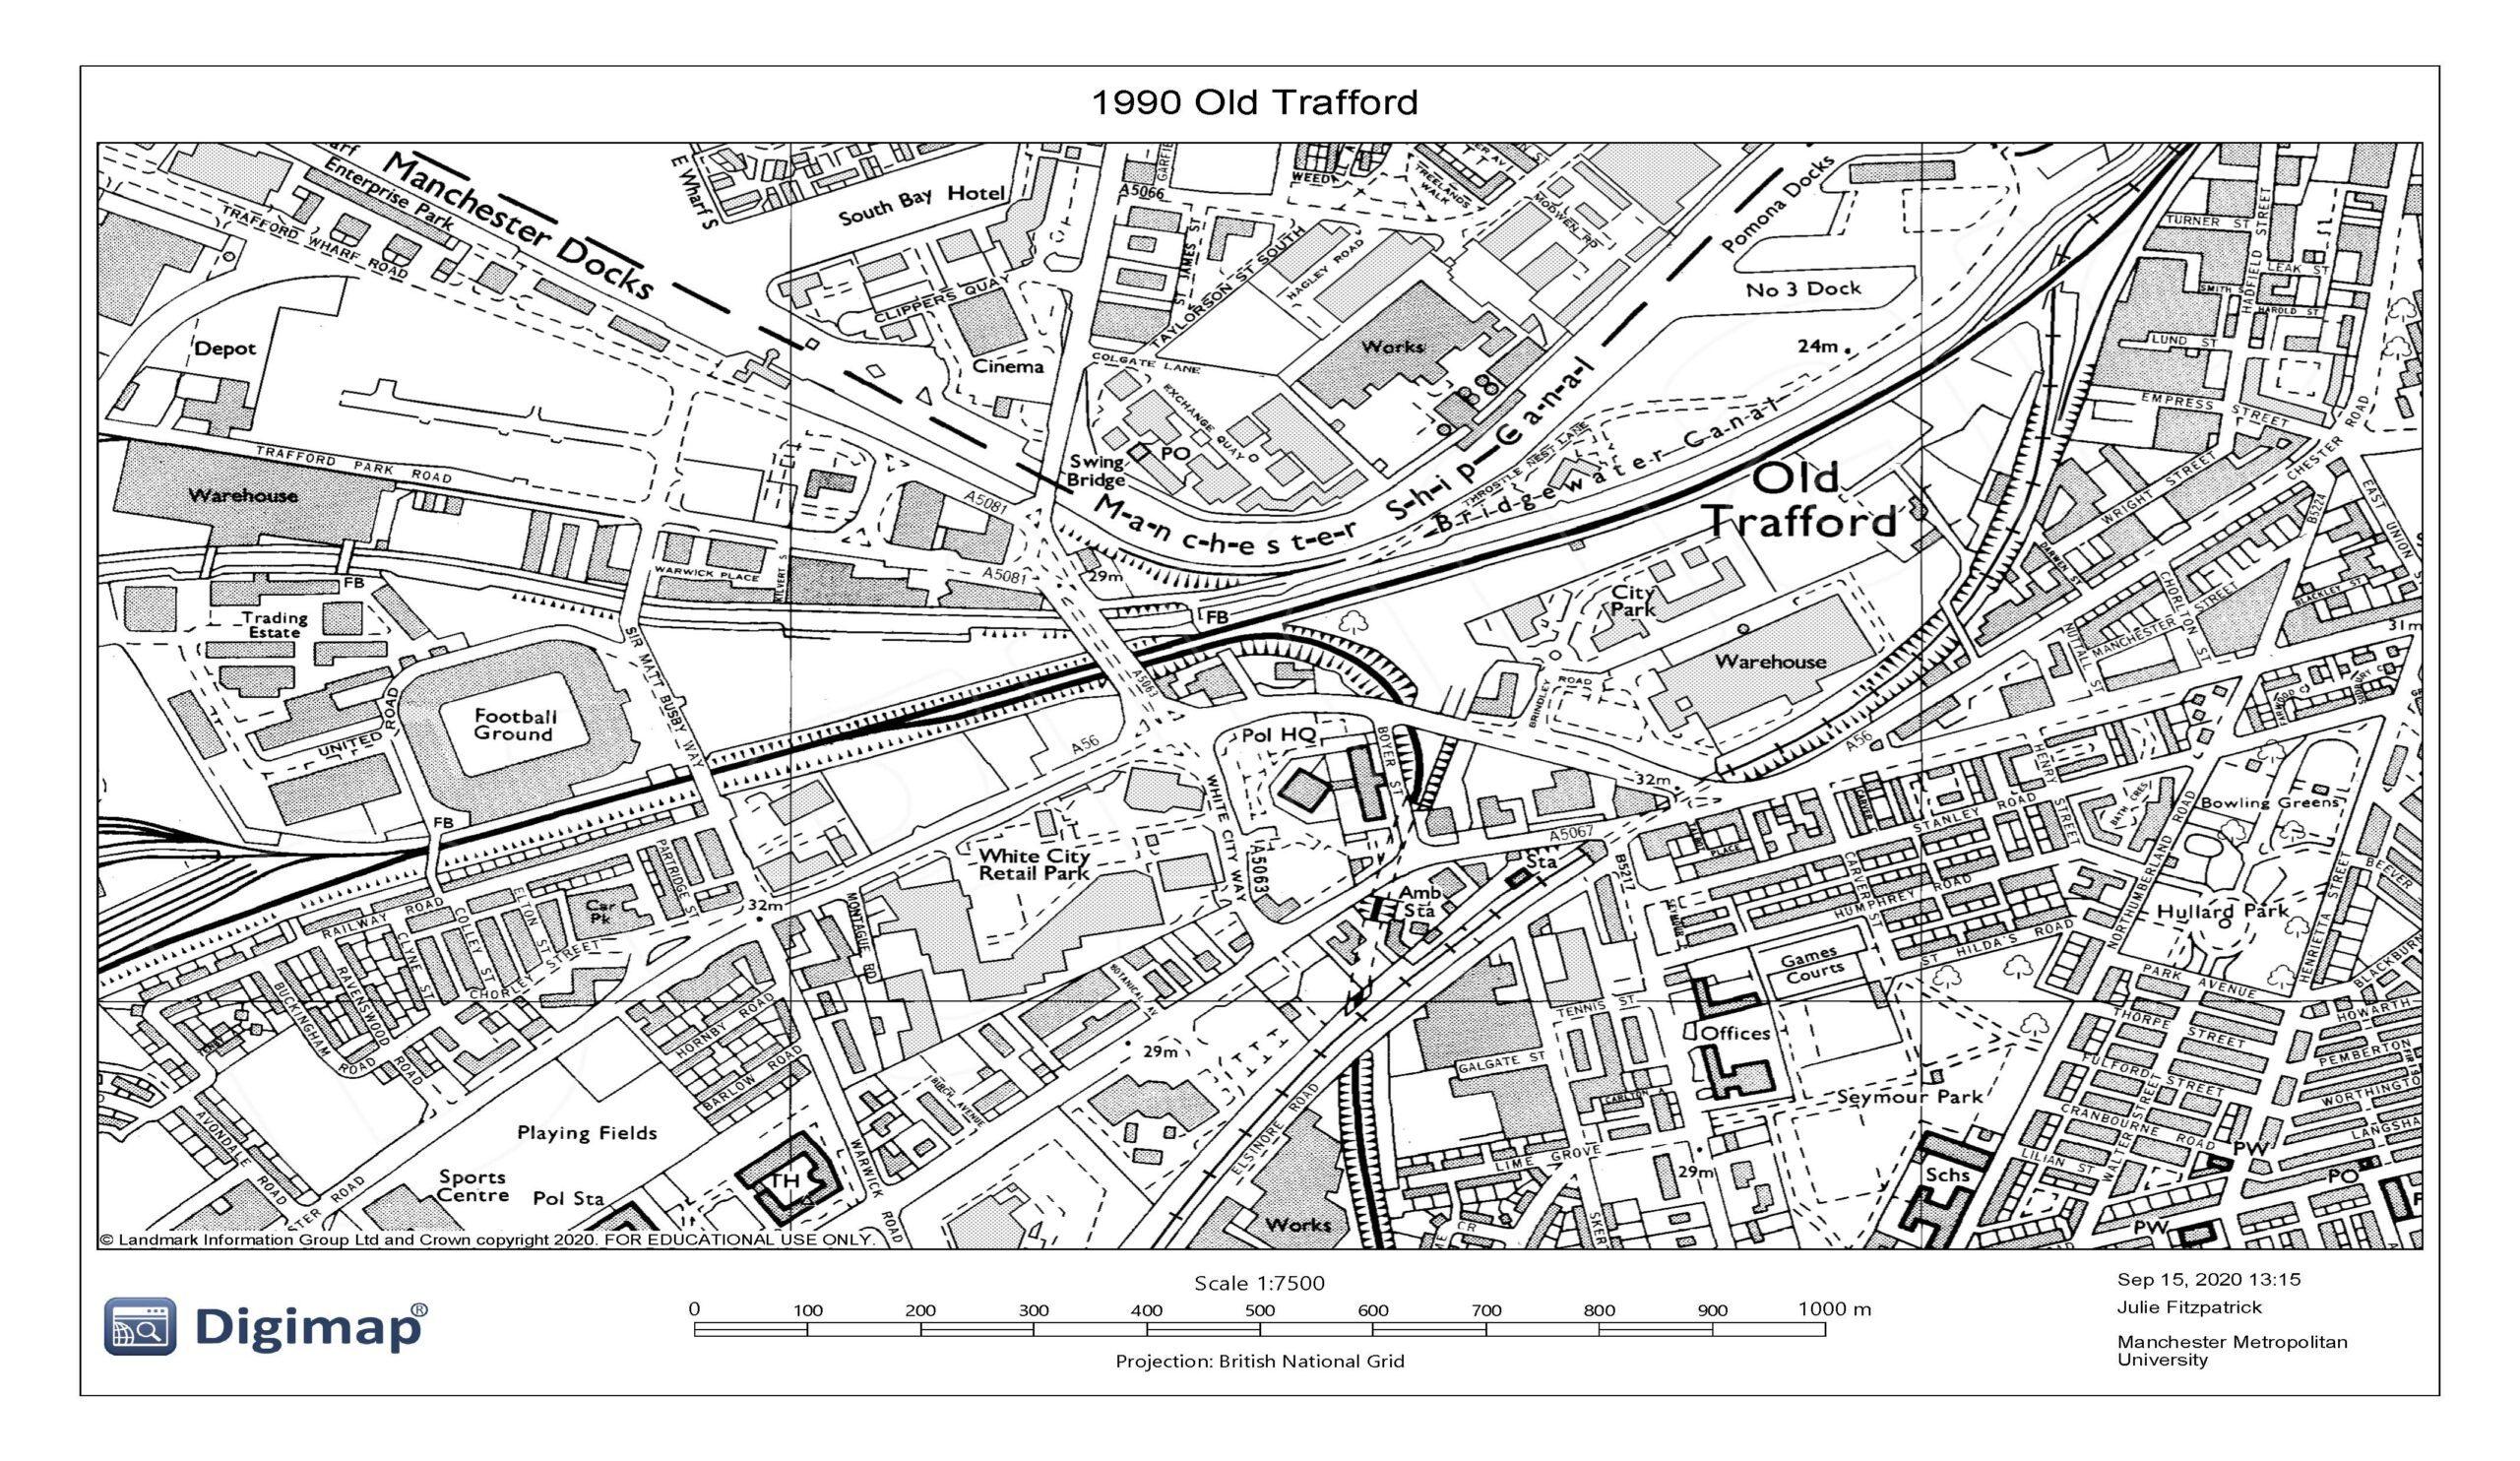 1990 Old Trafford